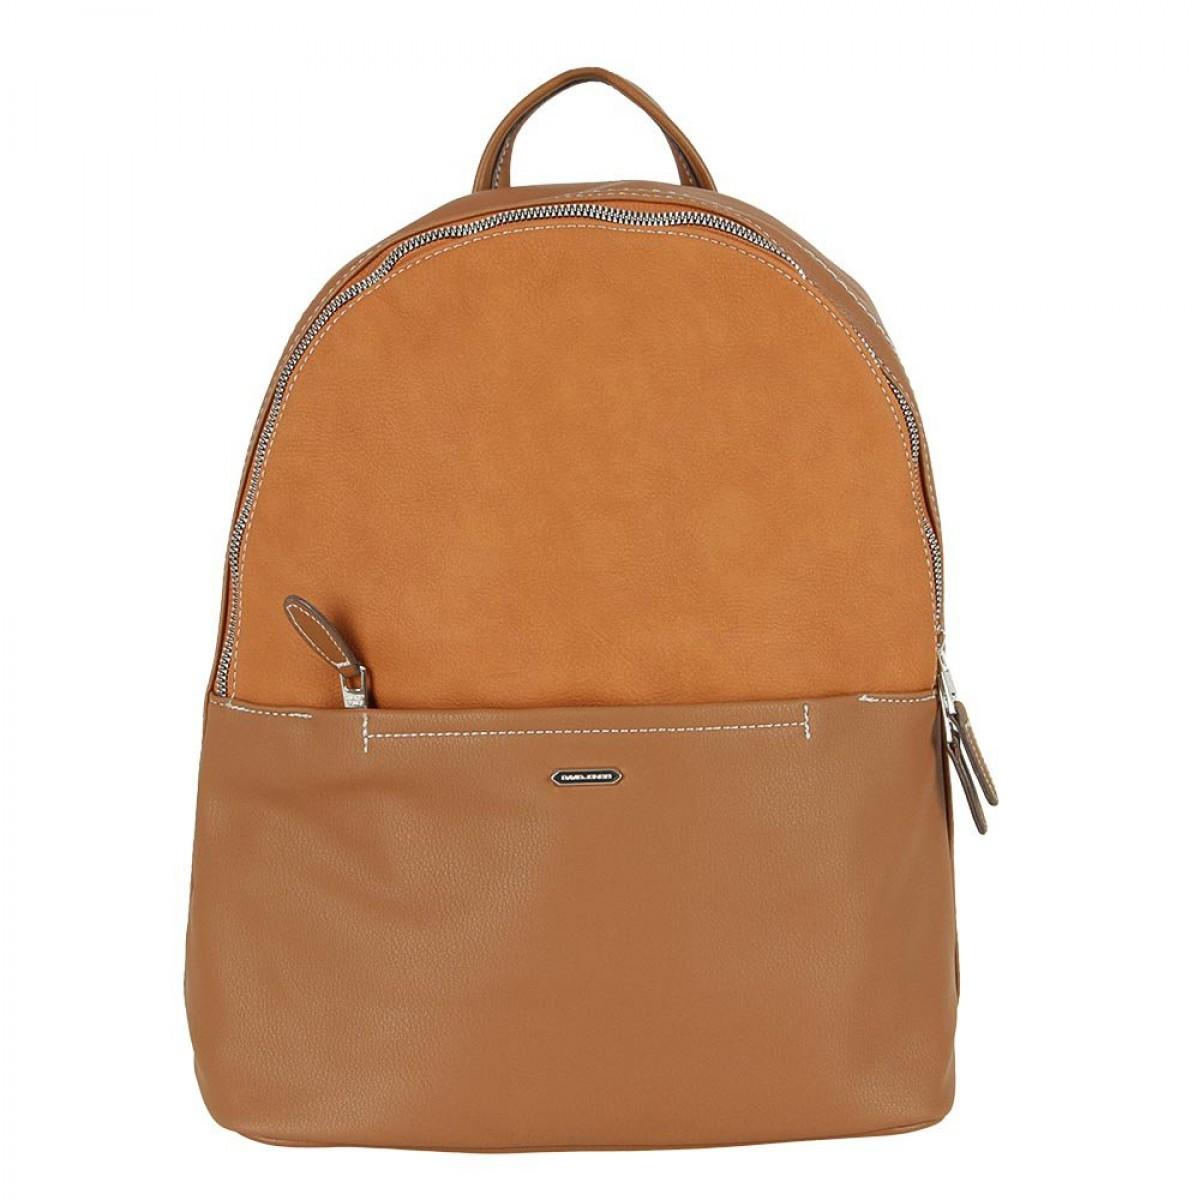 Жіночий рюкзак David Jones 6129-2 COGNAC